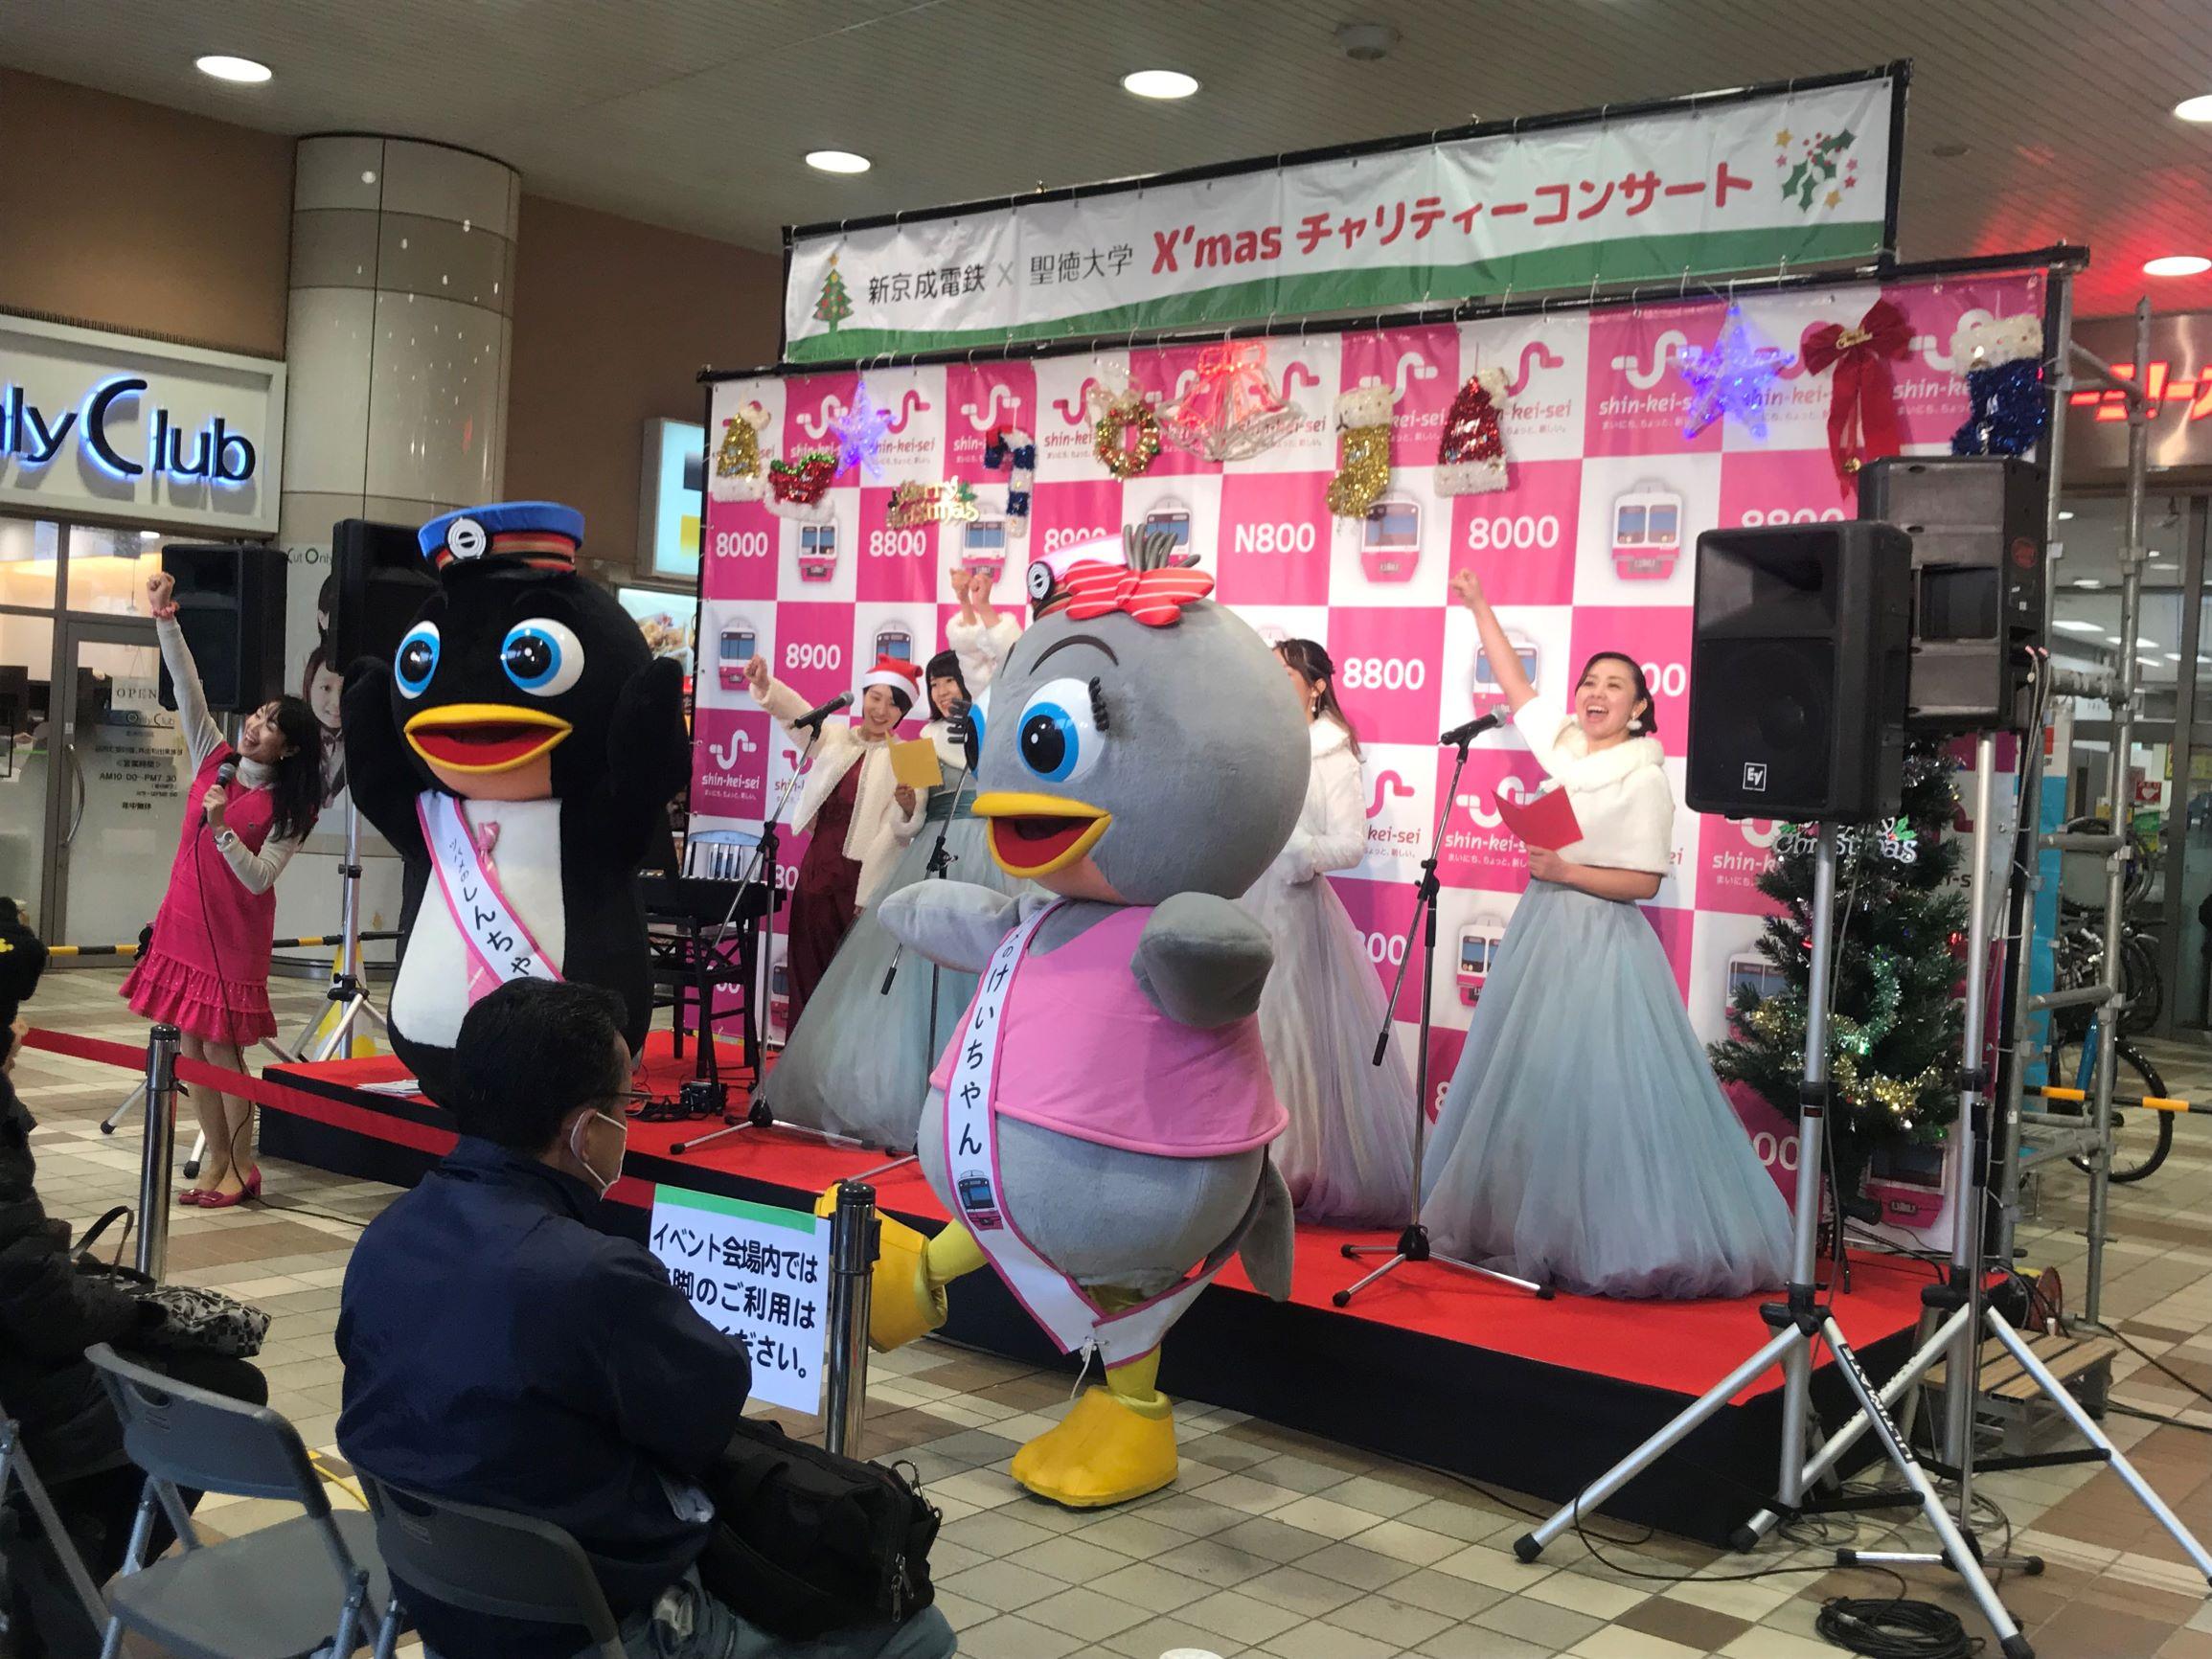 新京成電鉄×聖徳大学「クリスマスチャリティーコンサート」が開催されました